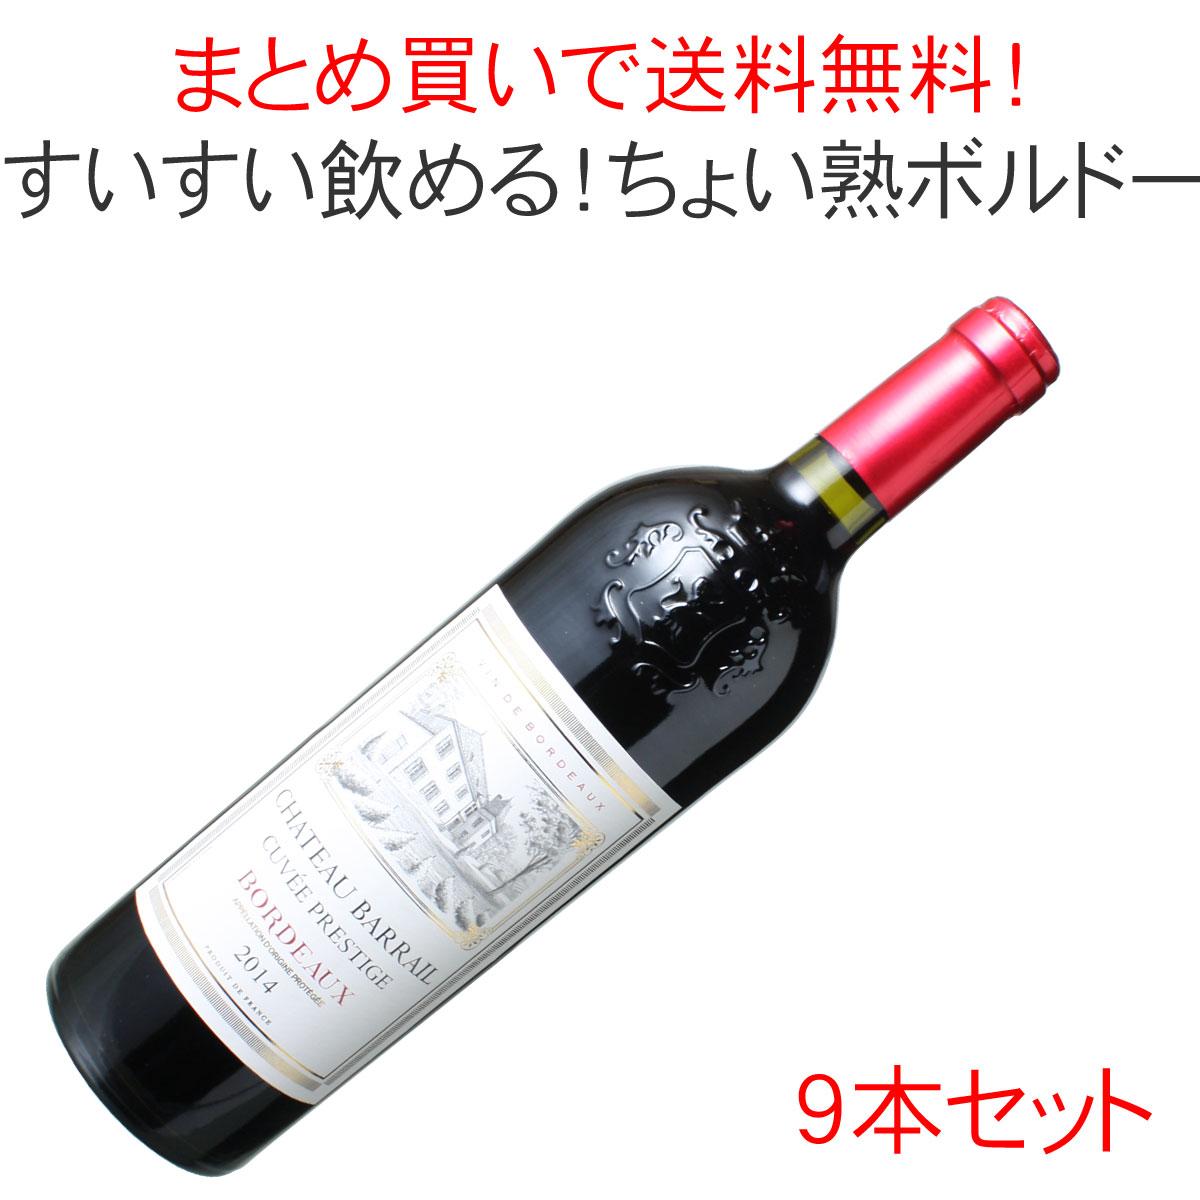 【送料無料】シャトー・バレル キュヴェ・プレスティージュ [2014] 1ケース9本セット <赤> <ワイン/ボルドー>